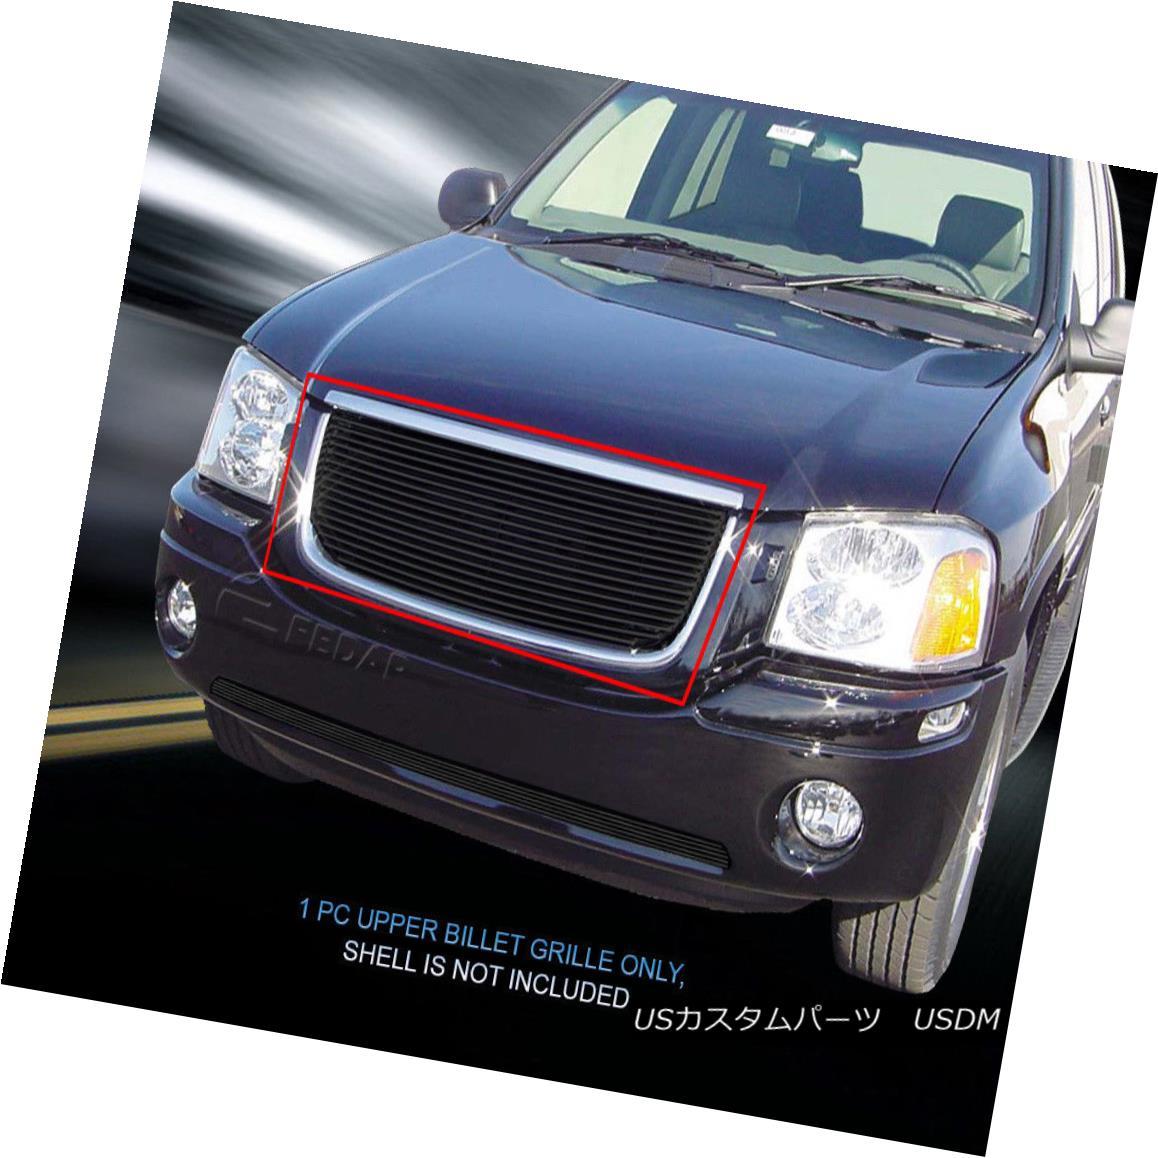 グリル Fits 2001-2009 GMC Envoy Billet Black Grille Grill Insert 2001?2009年GMCエンボイビレットブラックグリルグリルインサートに適合